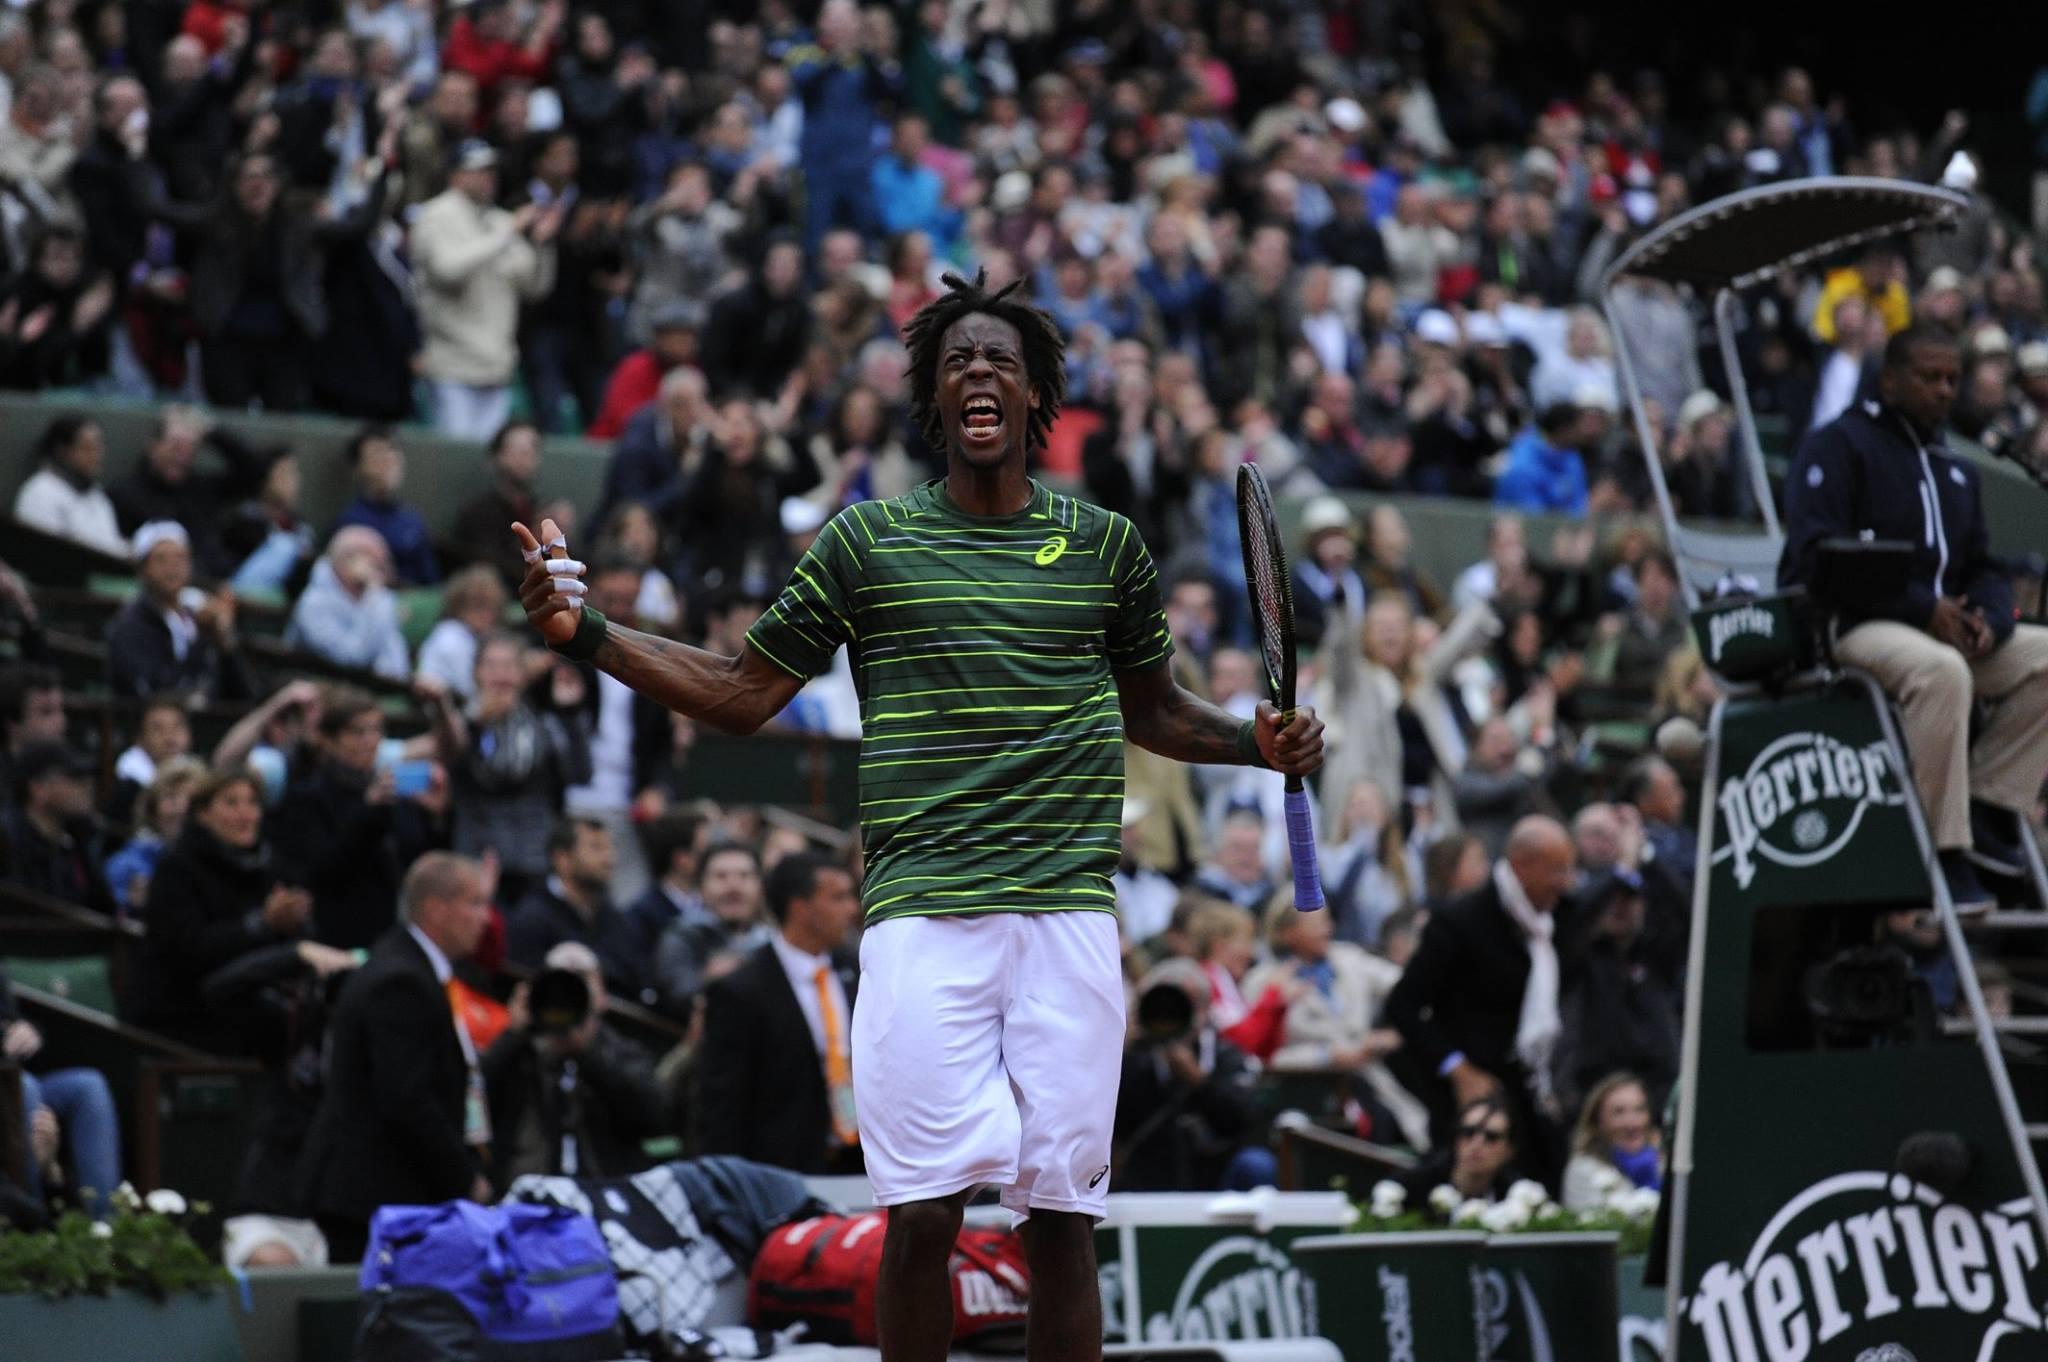 Gael Monfis protagonizou até agora um dos melhores encontros do torneio. Fonte: Facebook Oficial de Roland Garros